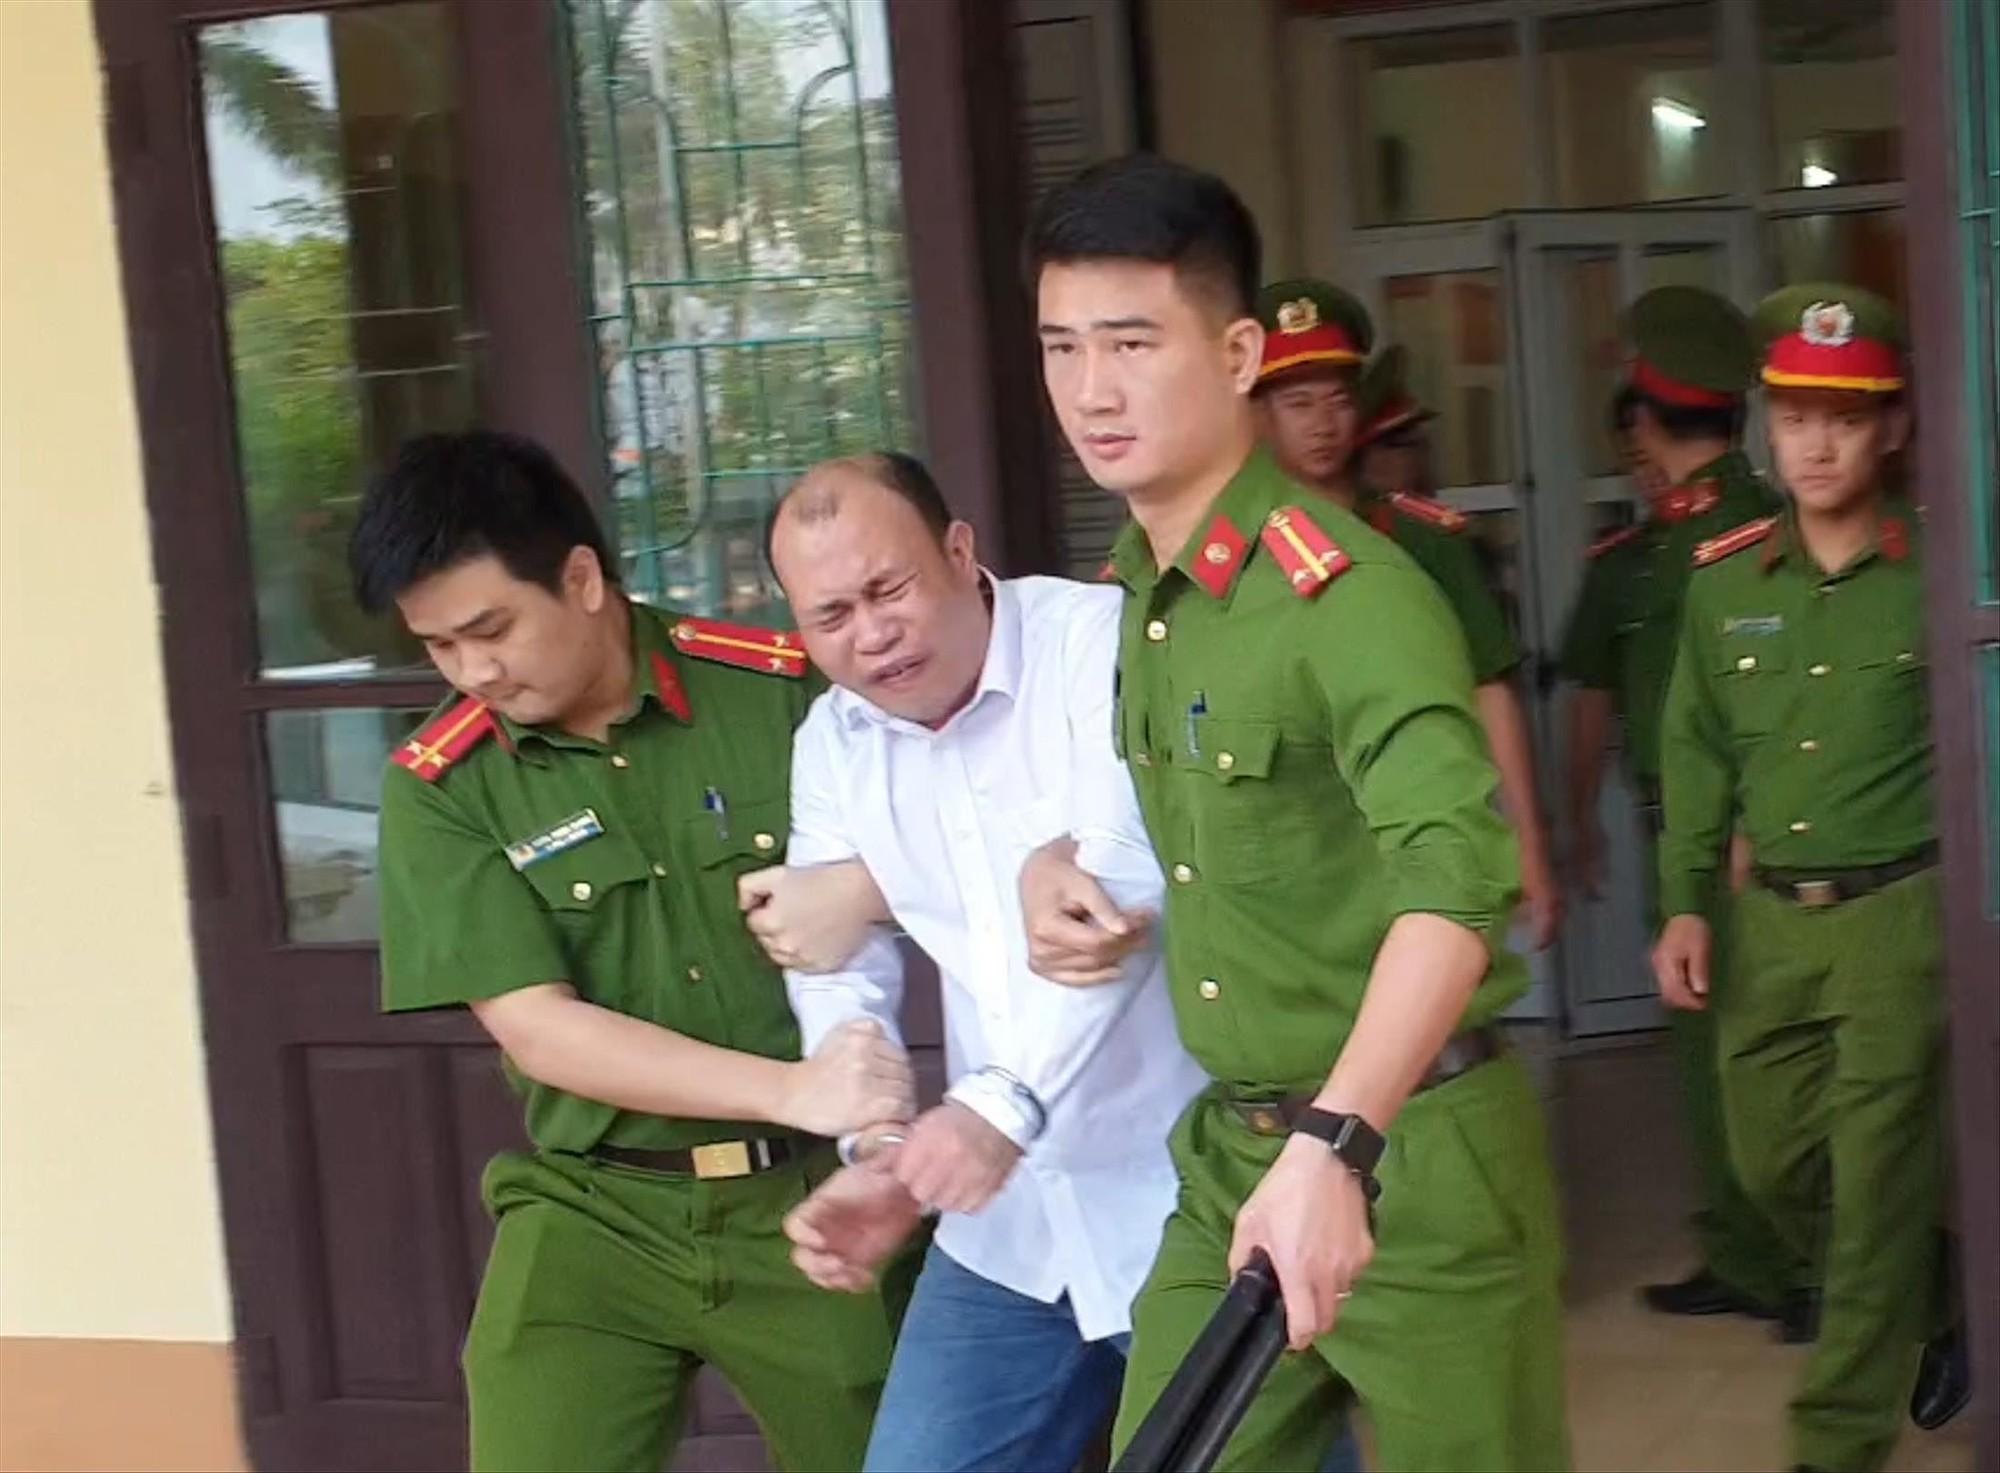 Kỳ án cướp đò trên sông Ka Long: Ông Bùi Mạnh Giáp vẫn bị tuyên phạt 7 năm tù - Ảnh 1.